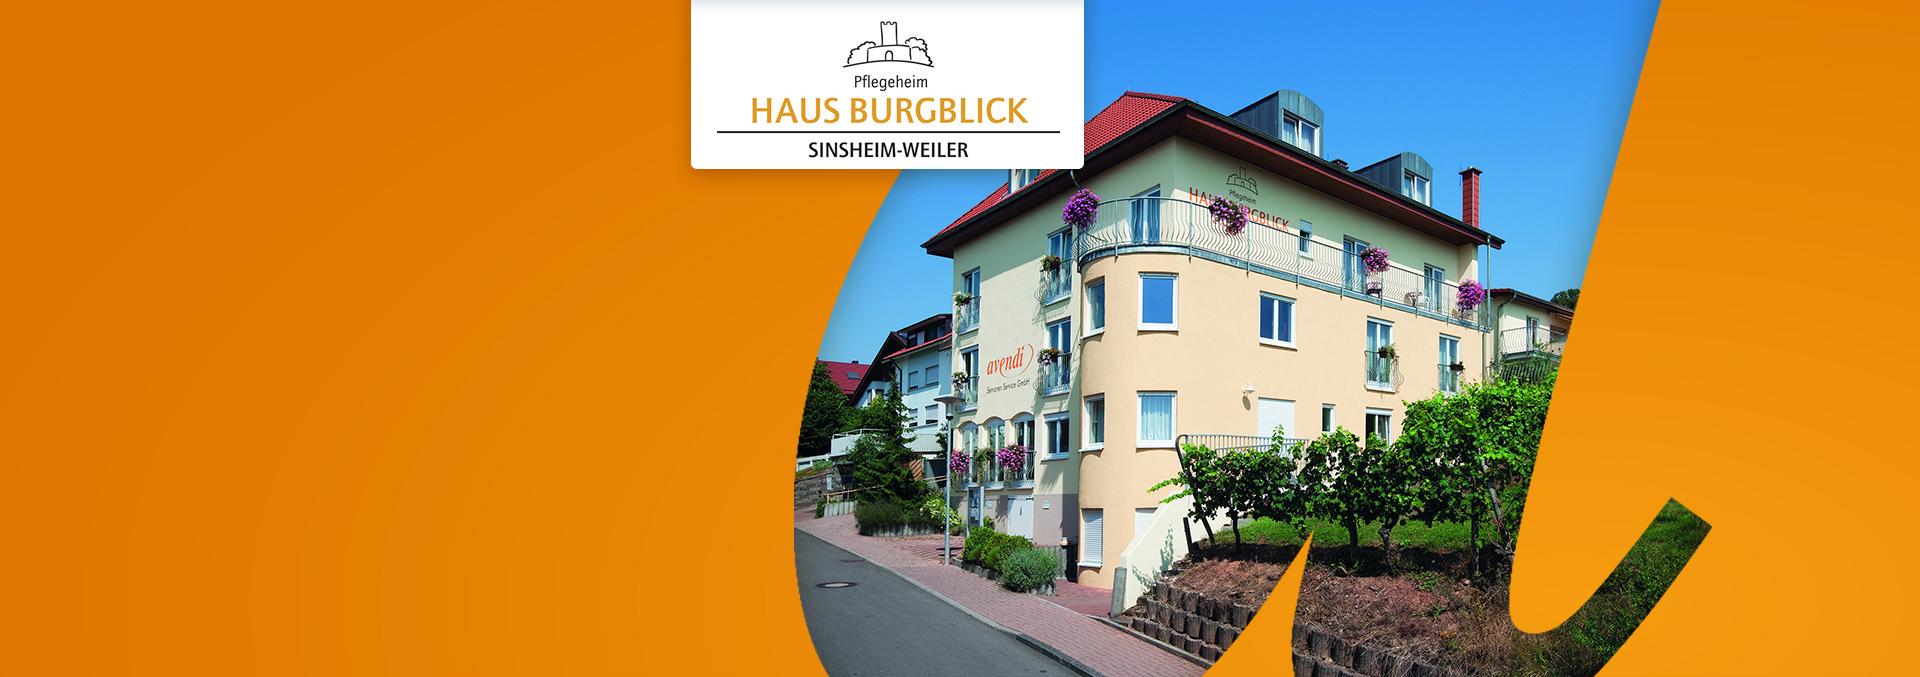 Pflegeheim Haus Burgblick von außen neben Reben an einer Anhöhe